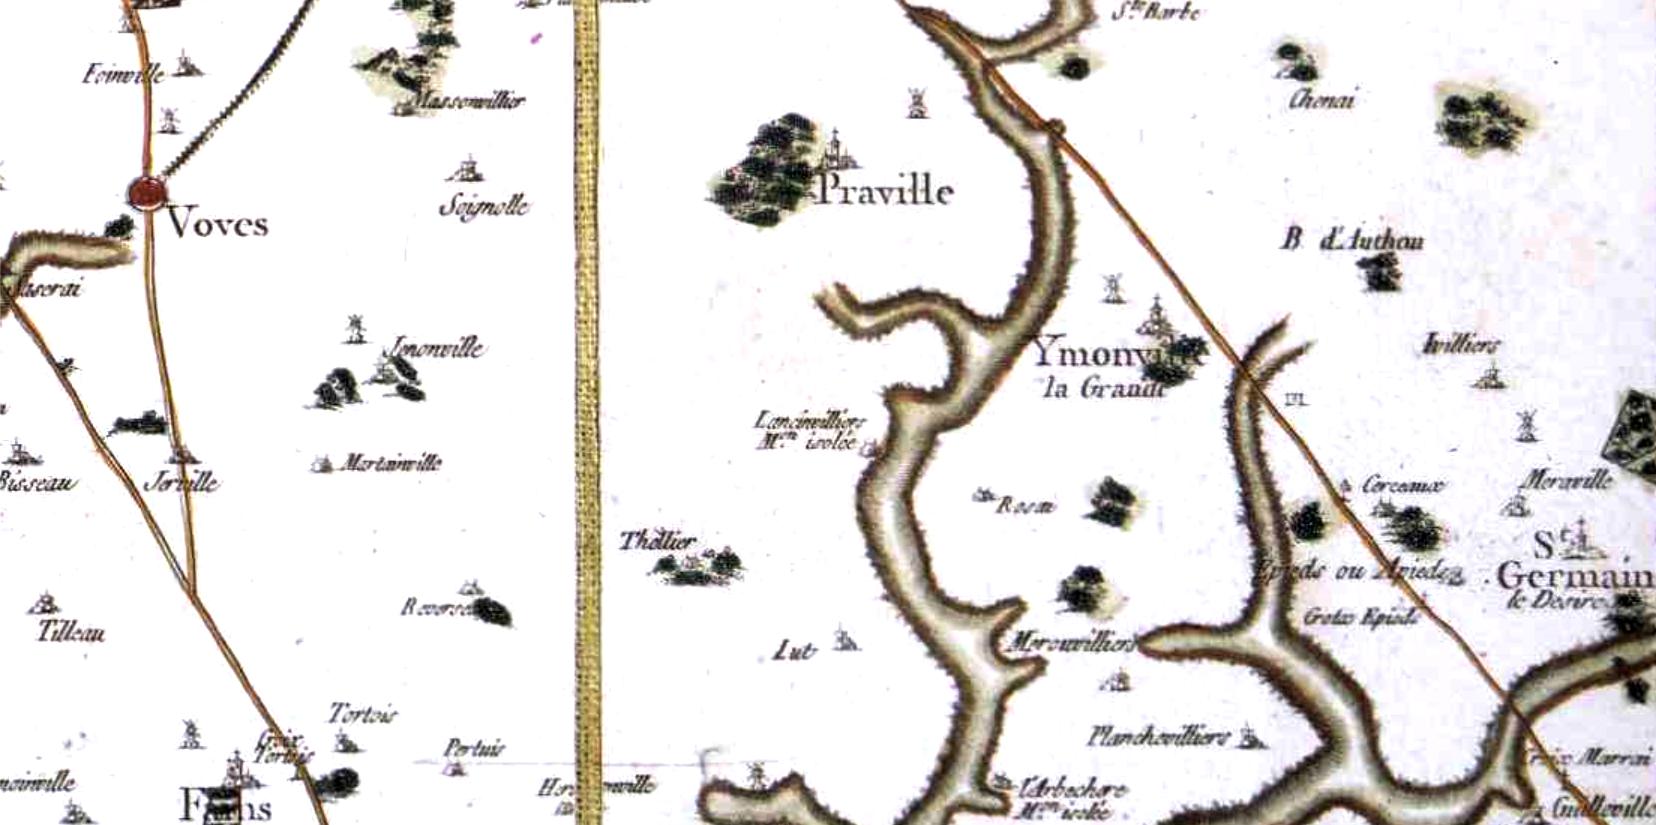 Prasville 28 cassini